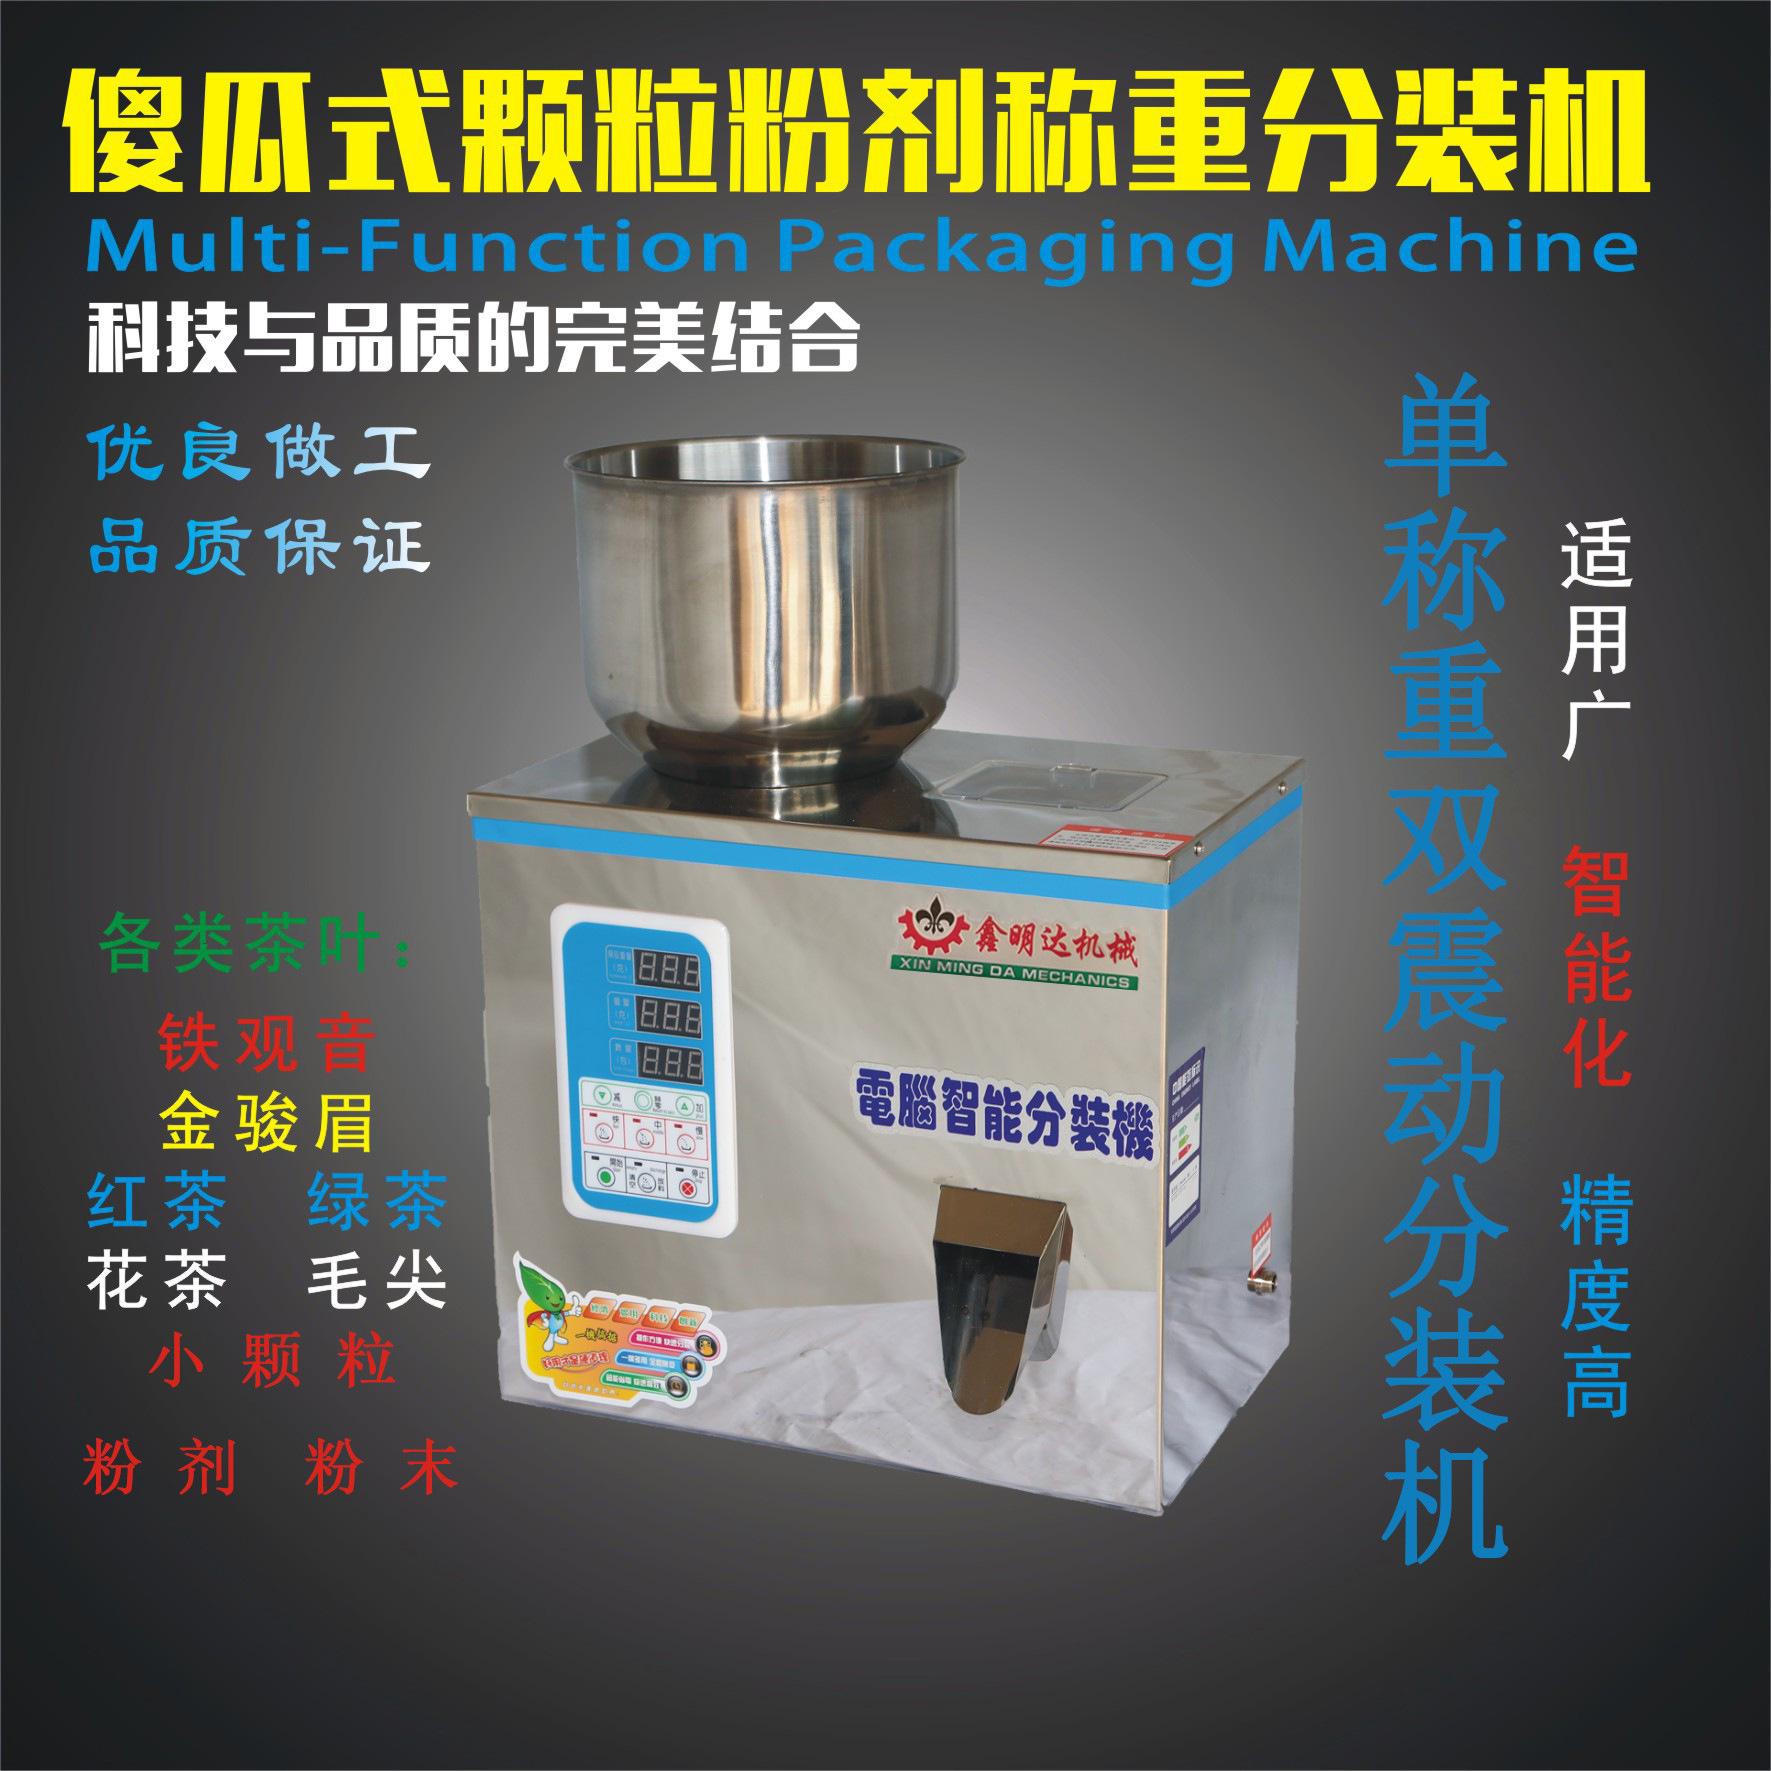 上海包装设备展颗粒包装机展_展会_中国贸易网